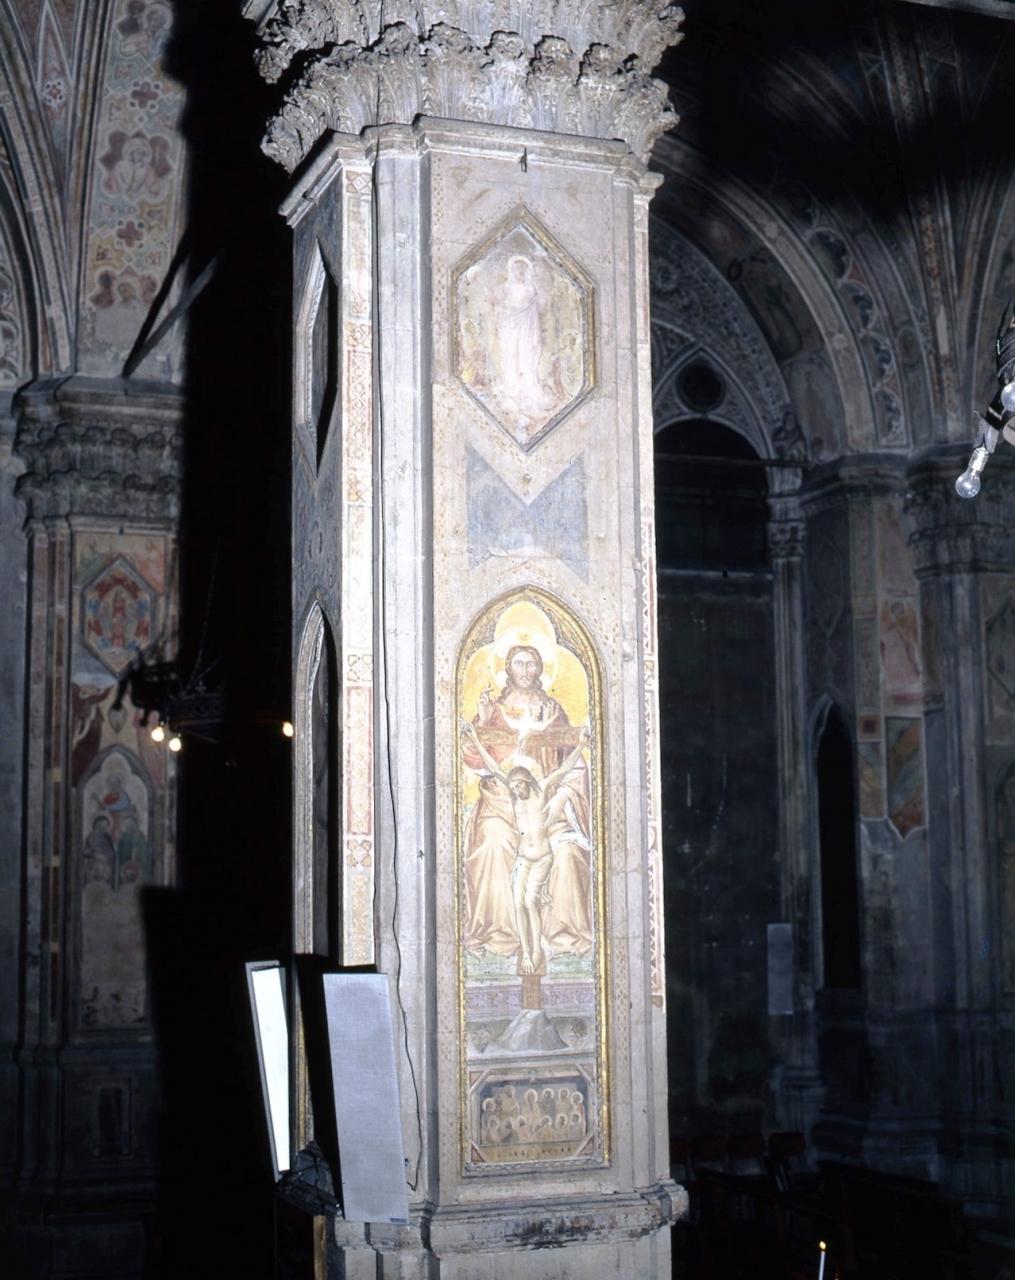 Acensione di Cristo/ Trinità/ Pentecoste (dipinto murale) di Gerini Niccolò di Pietro (inizio sec. XV)